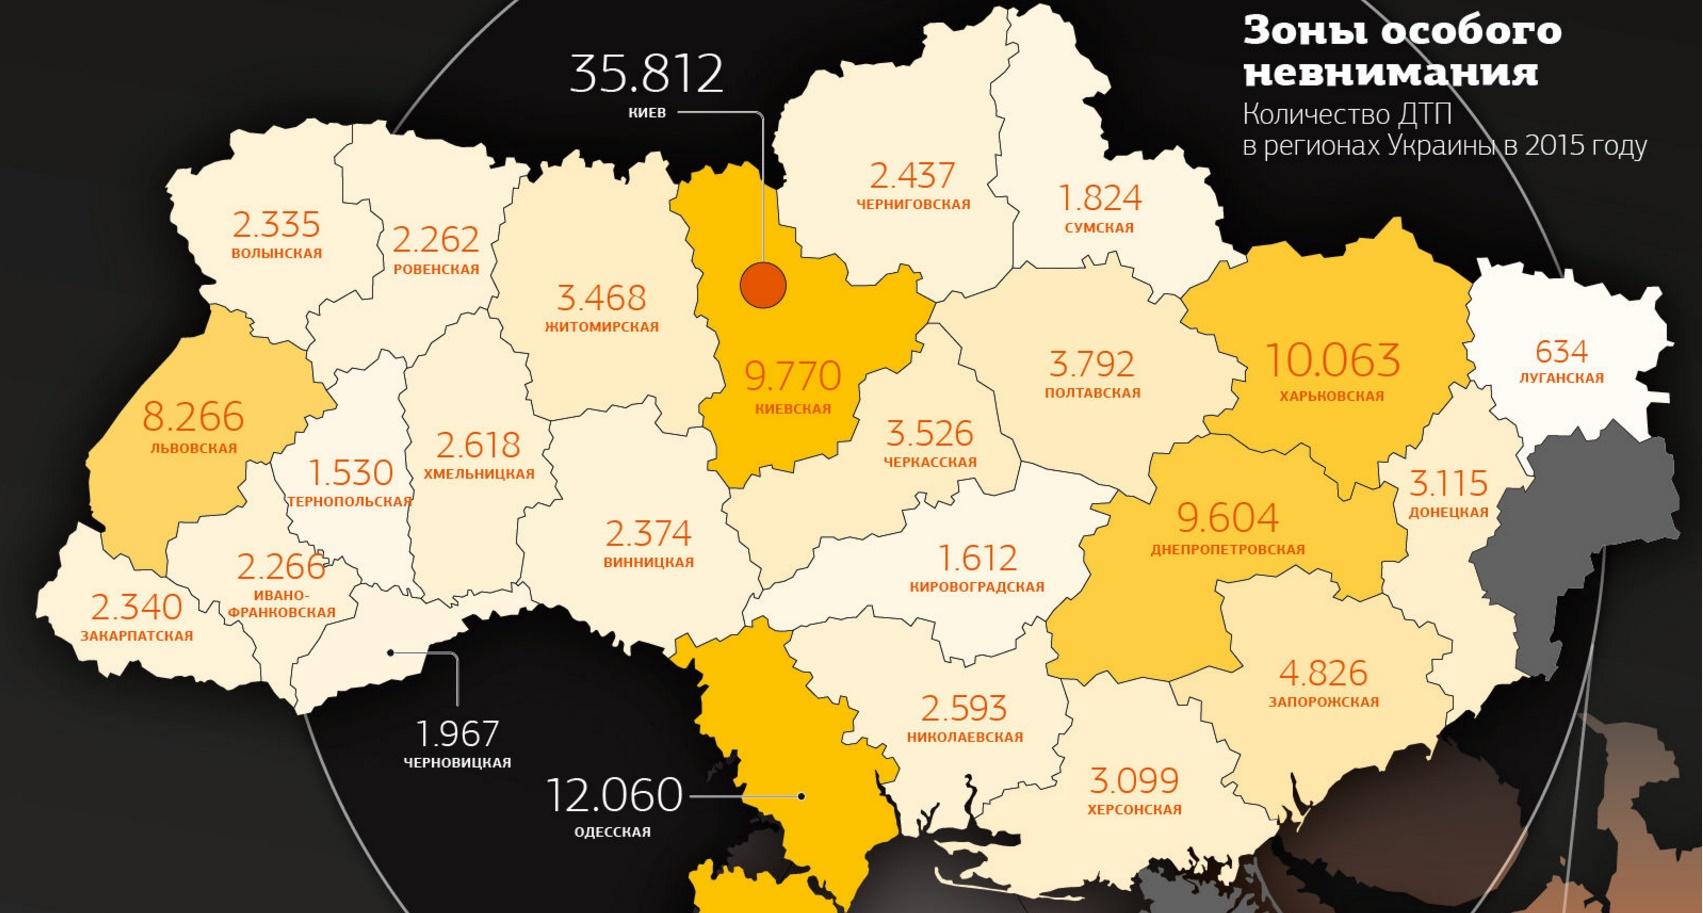 Одесская область лидер по количеству ДТП в Украине